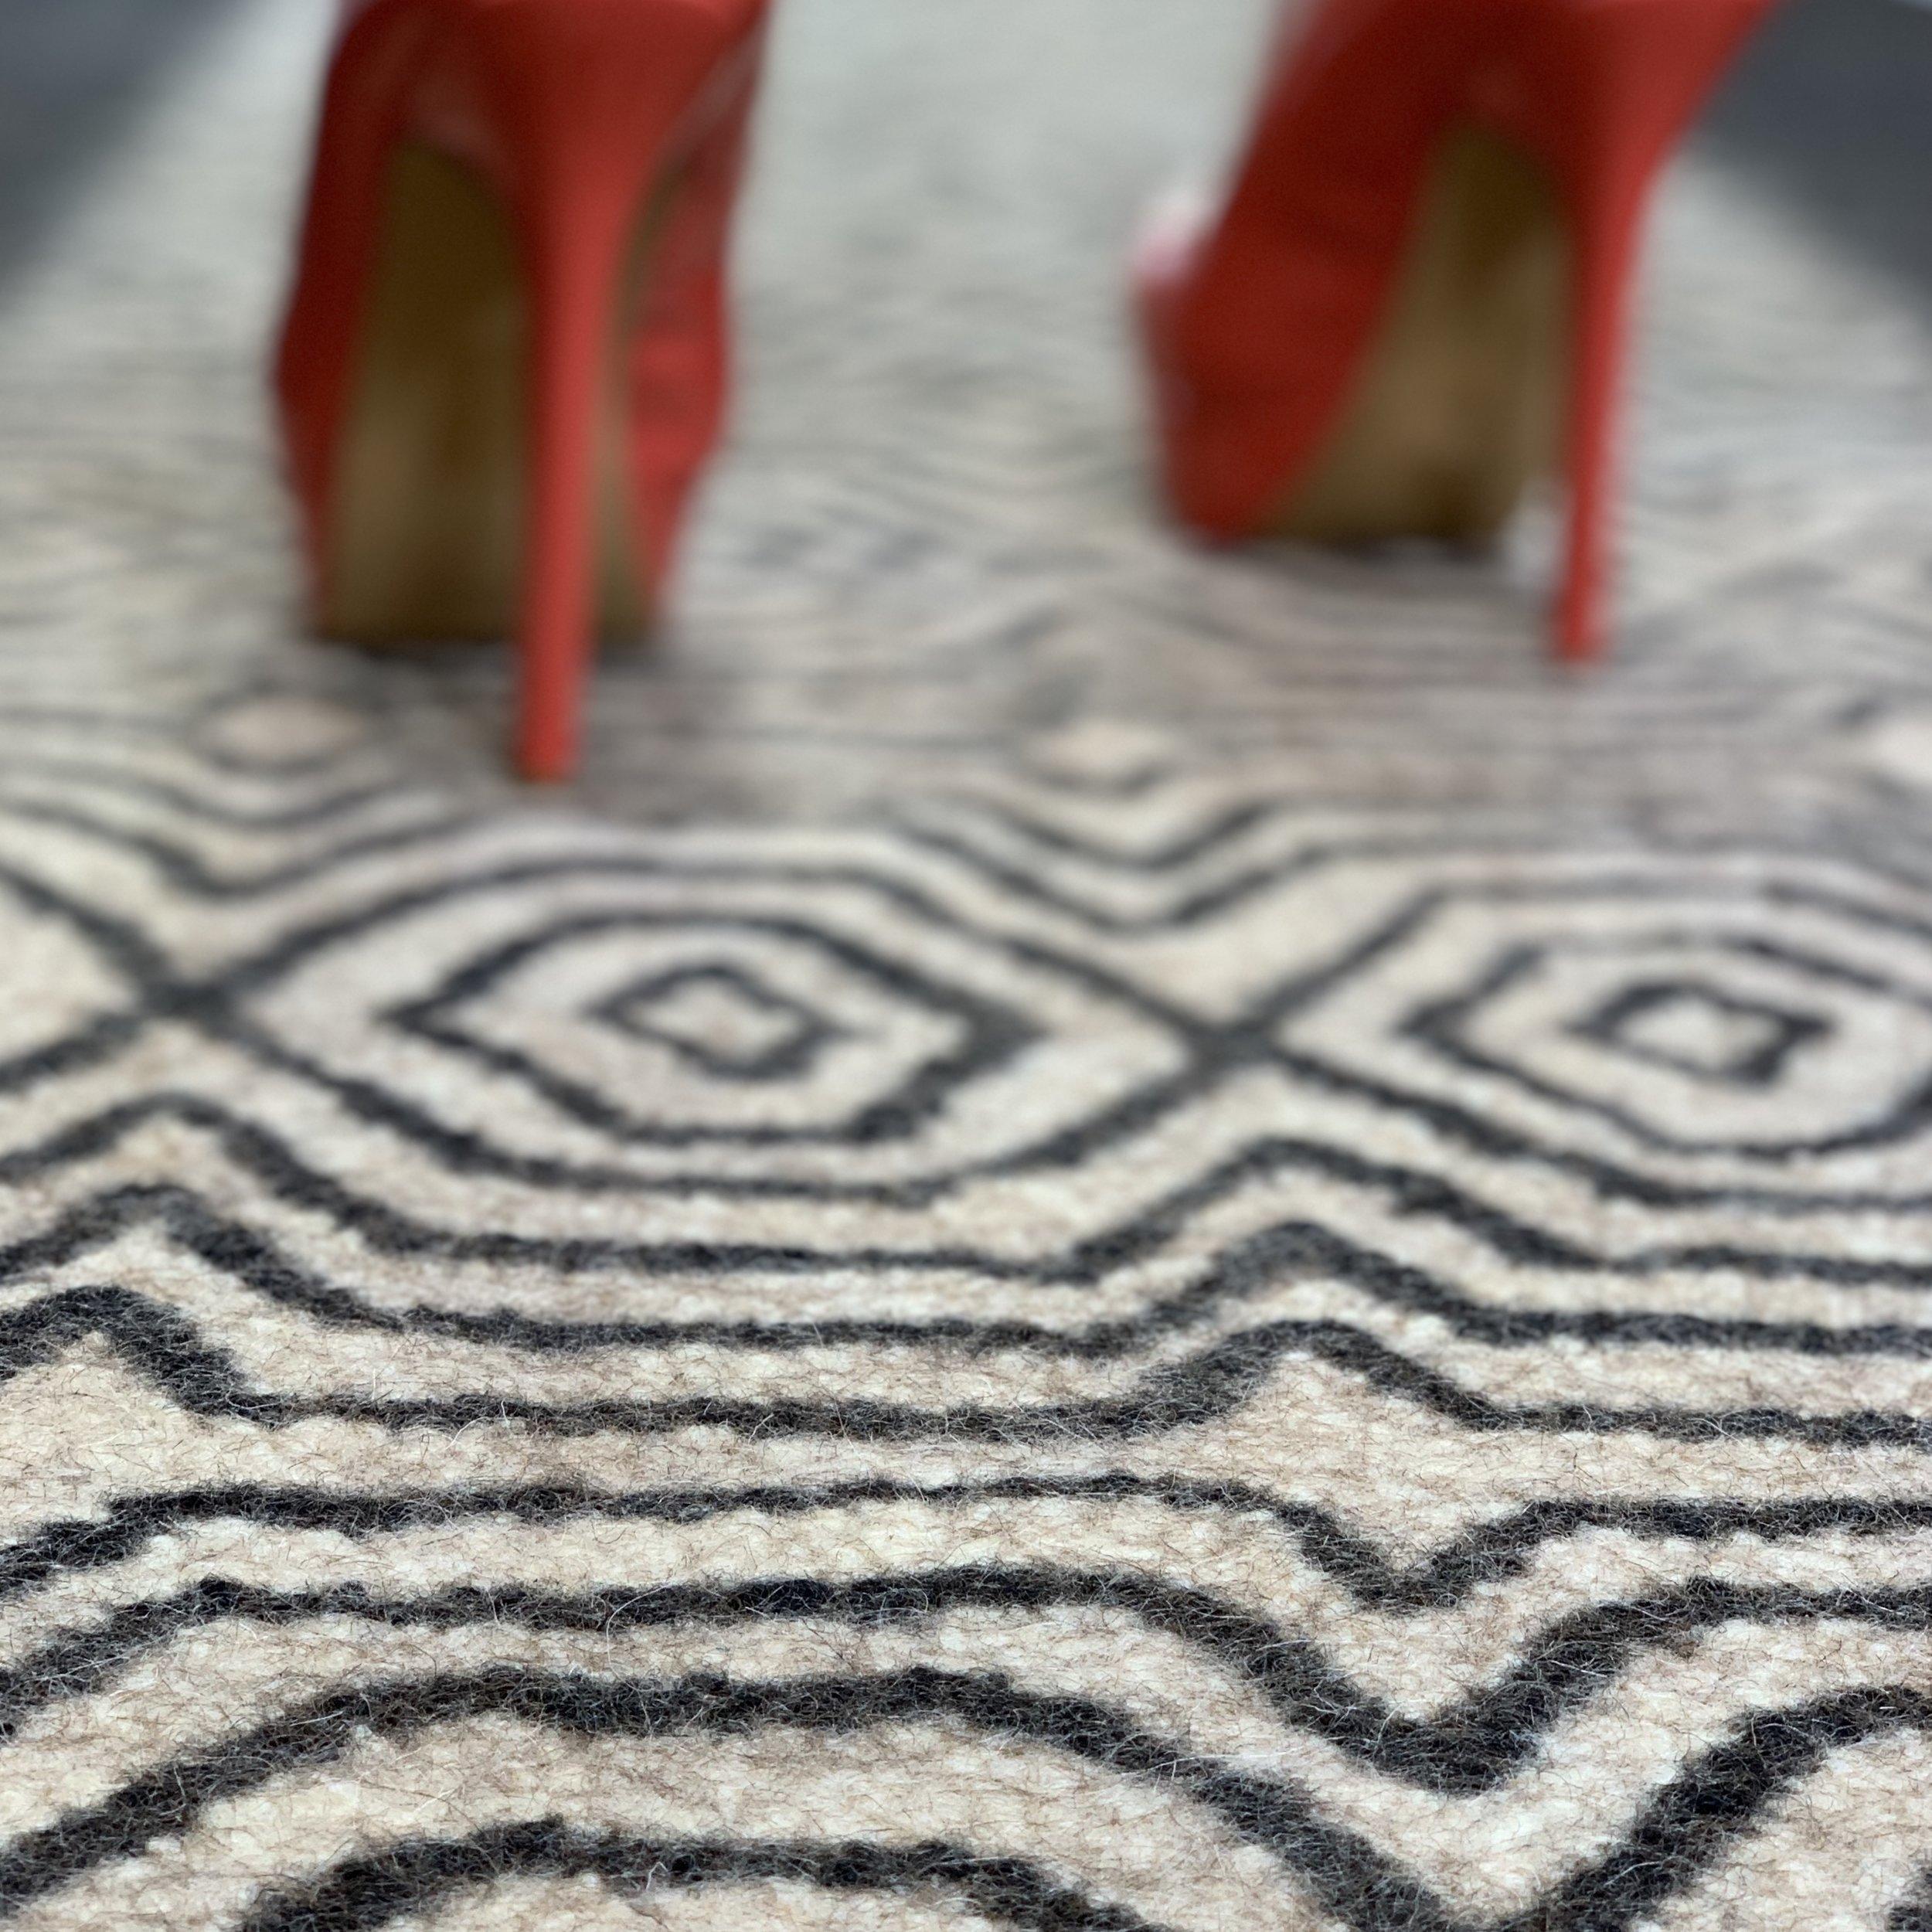 egyptain-rug-shoes.jpg